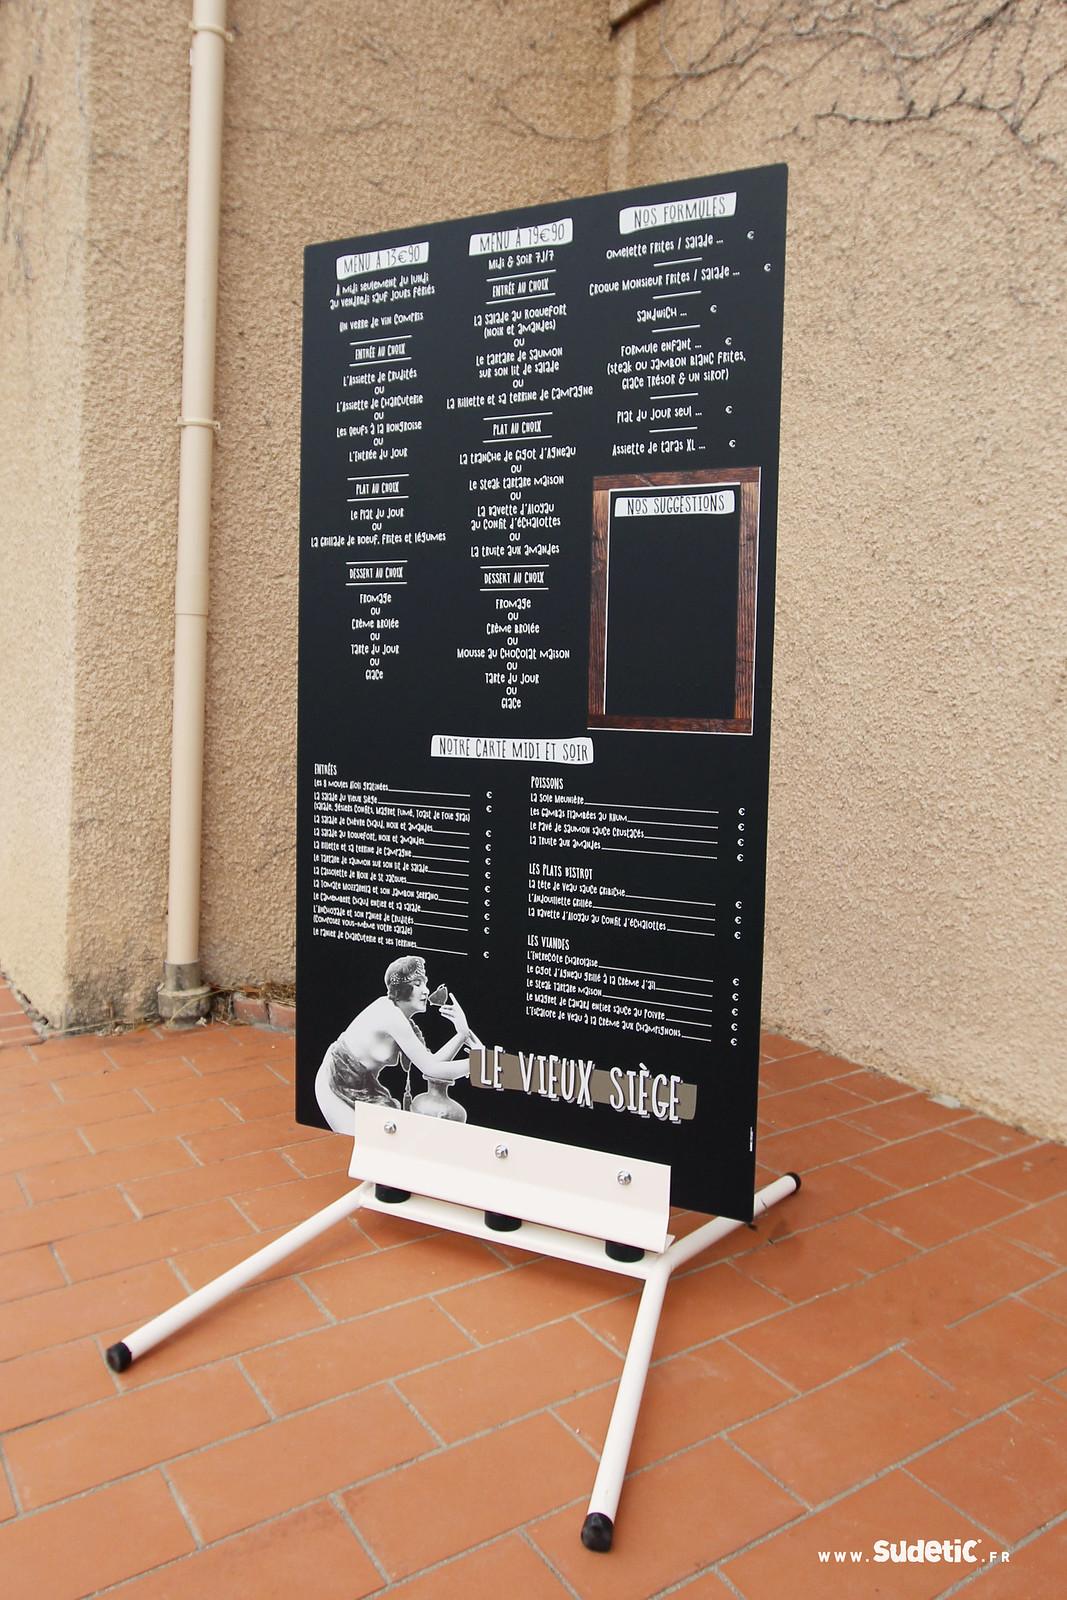 Sudetic-Stop-Trottoir-Le-Vieux-Siege-1